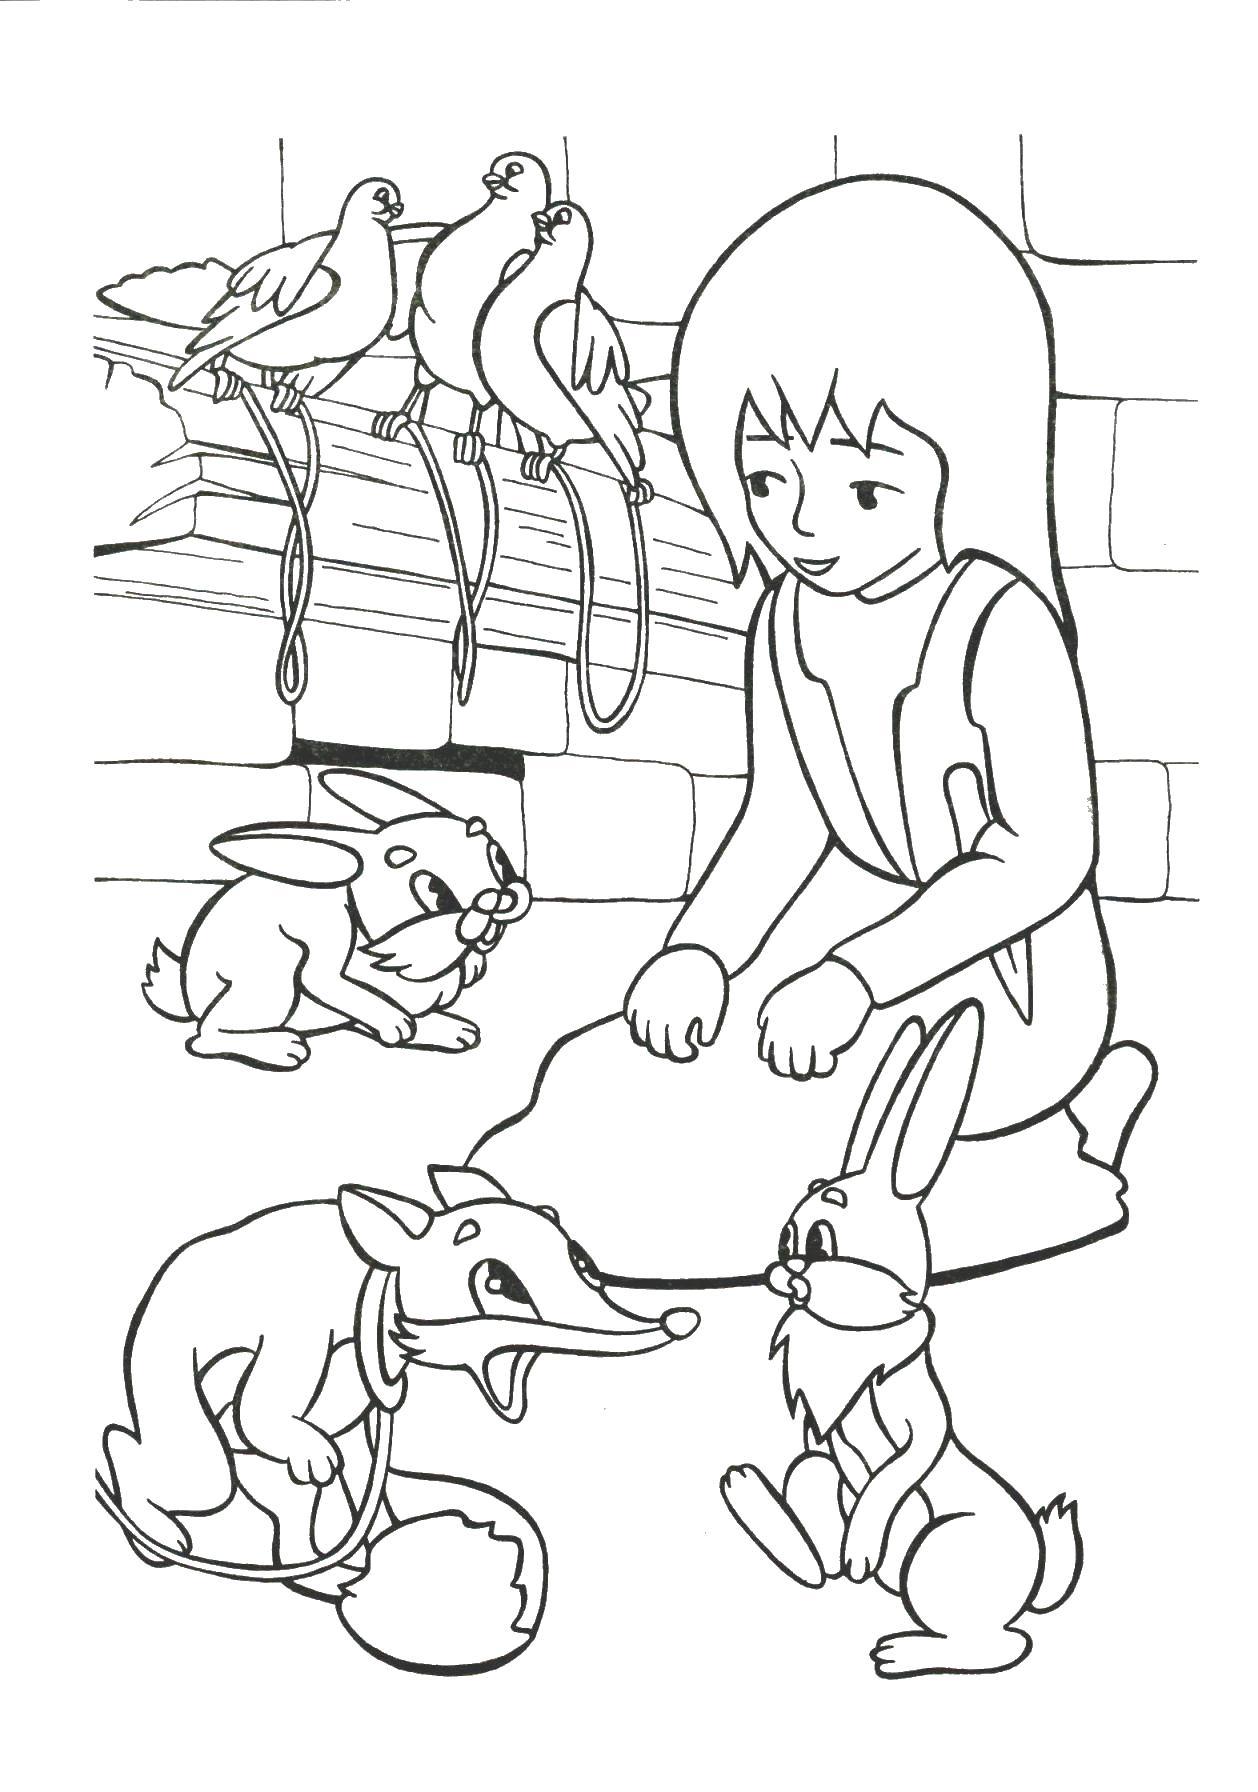 Герда присматривает за животными Раскраски для девочек онлайн